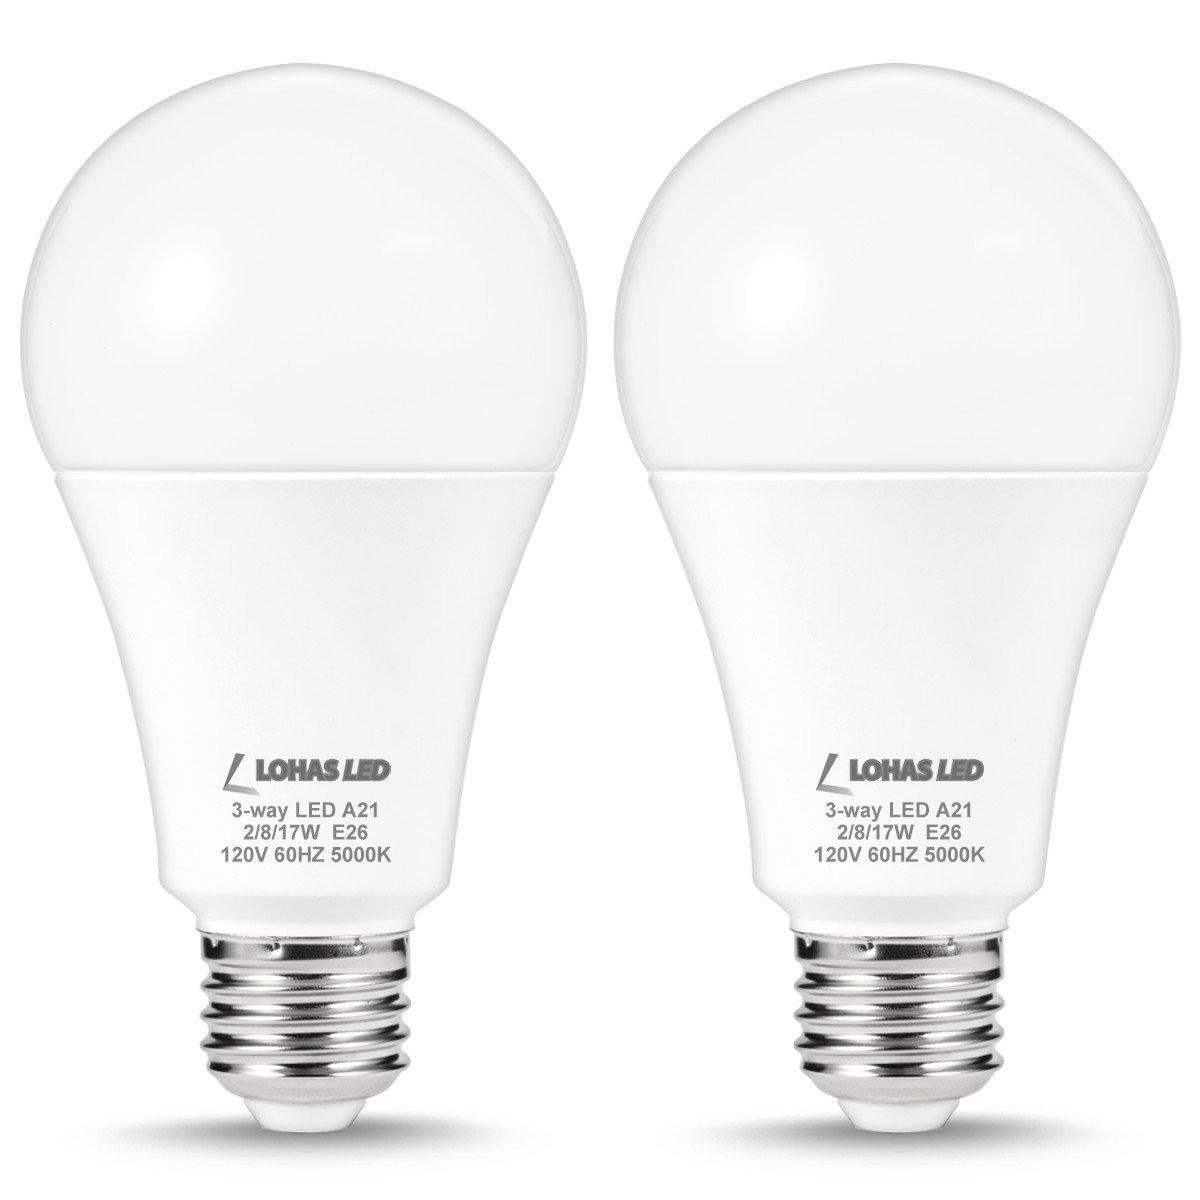 Lohas 3 Way Light Bulb 25w60w100w Equivalent A21 Led Light Bulbs